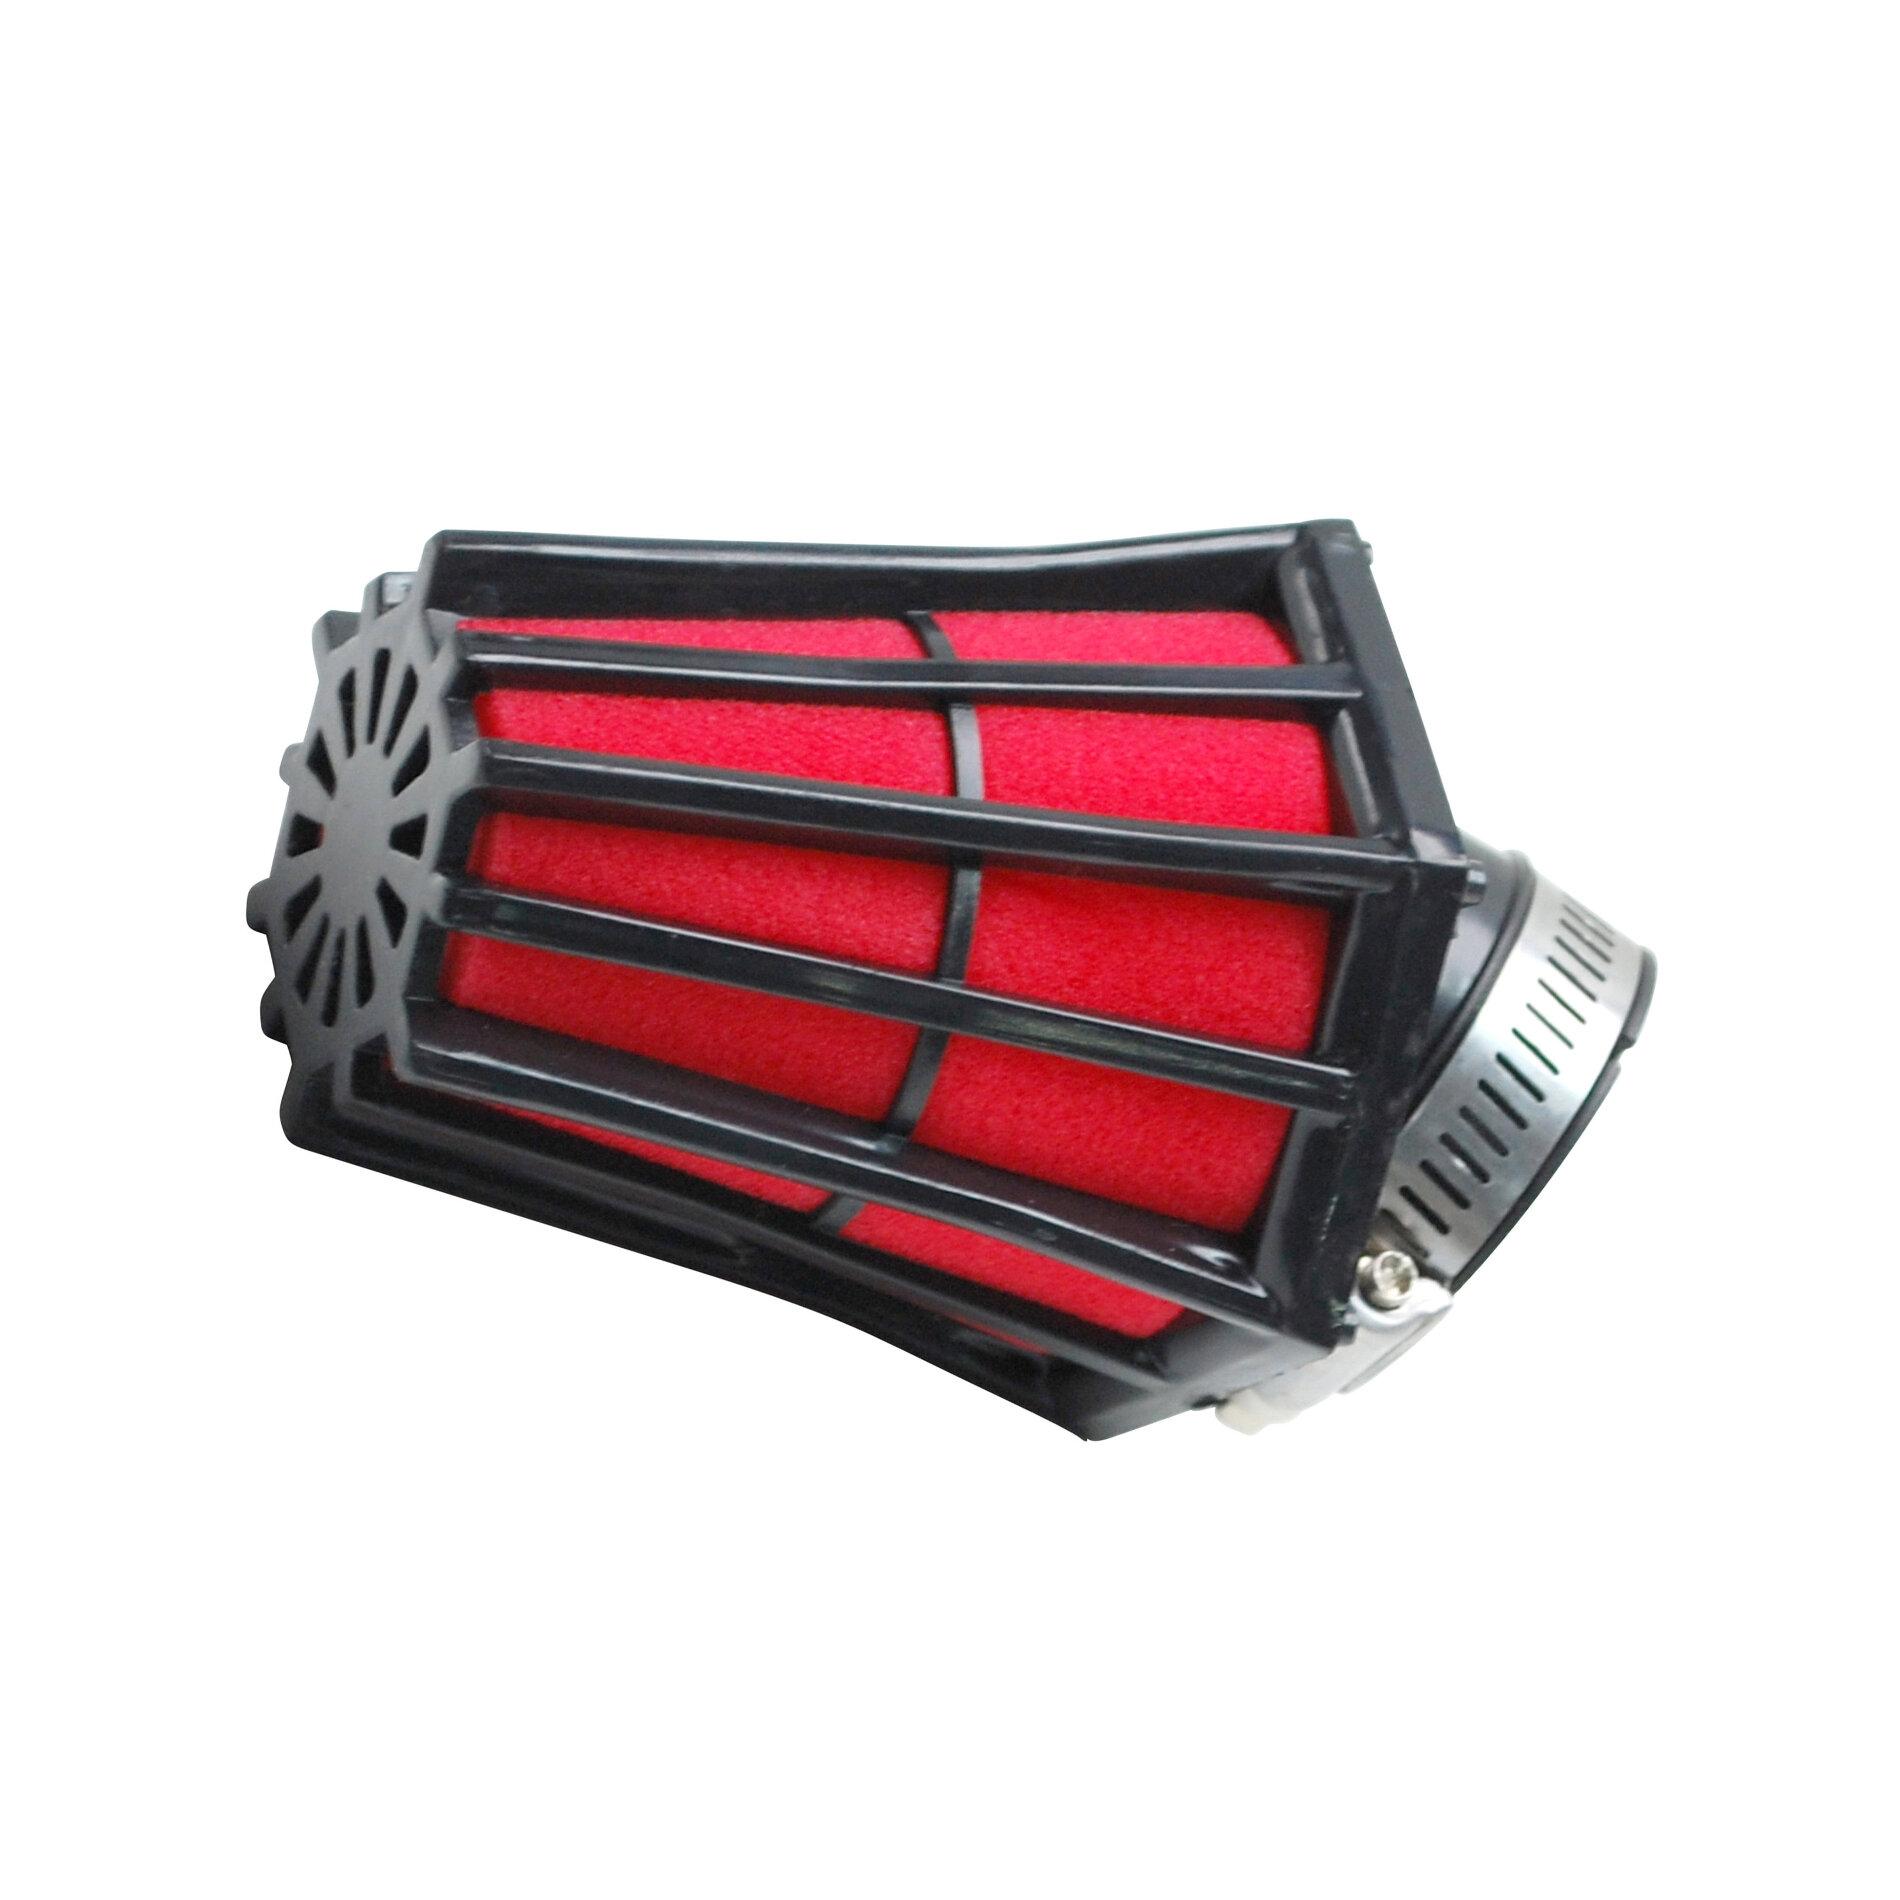 Filtre à Air Tun'R D28-35 Hexagonal Coude 45 Noir Mousse Rouge